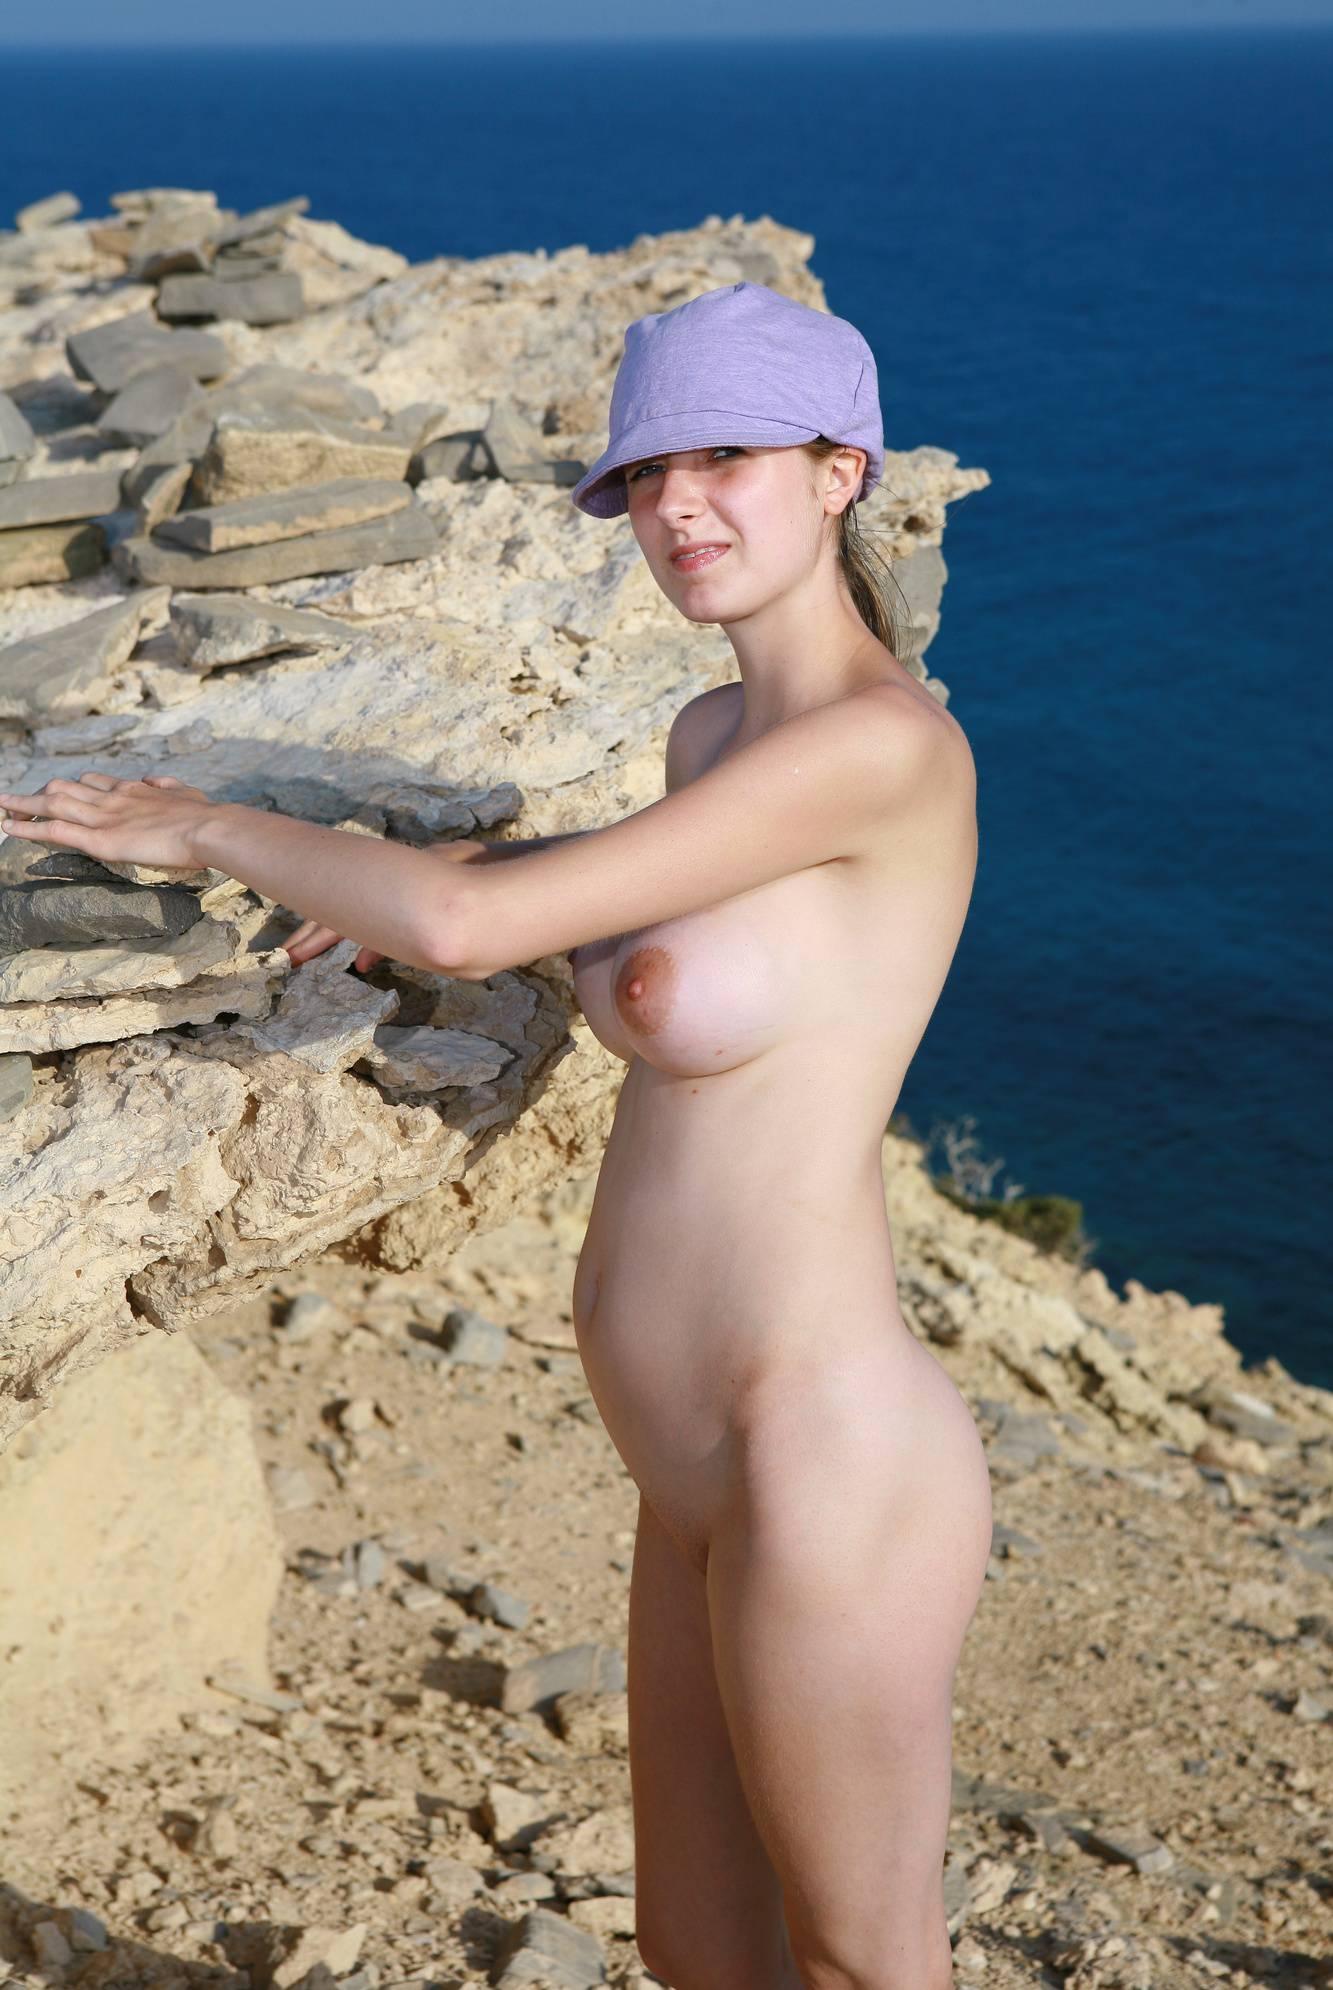 Nudist Pics Greek Girl Cliff Hangers - 1